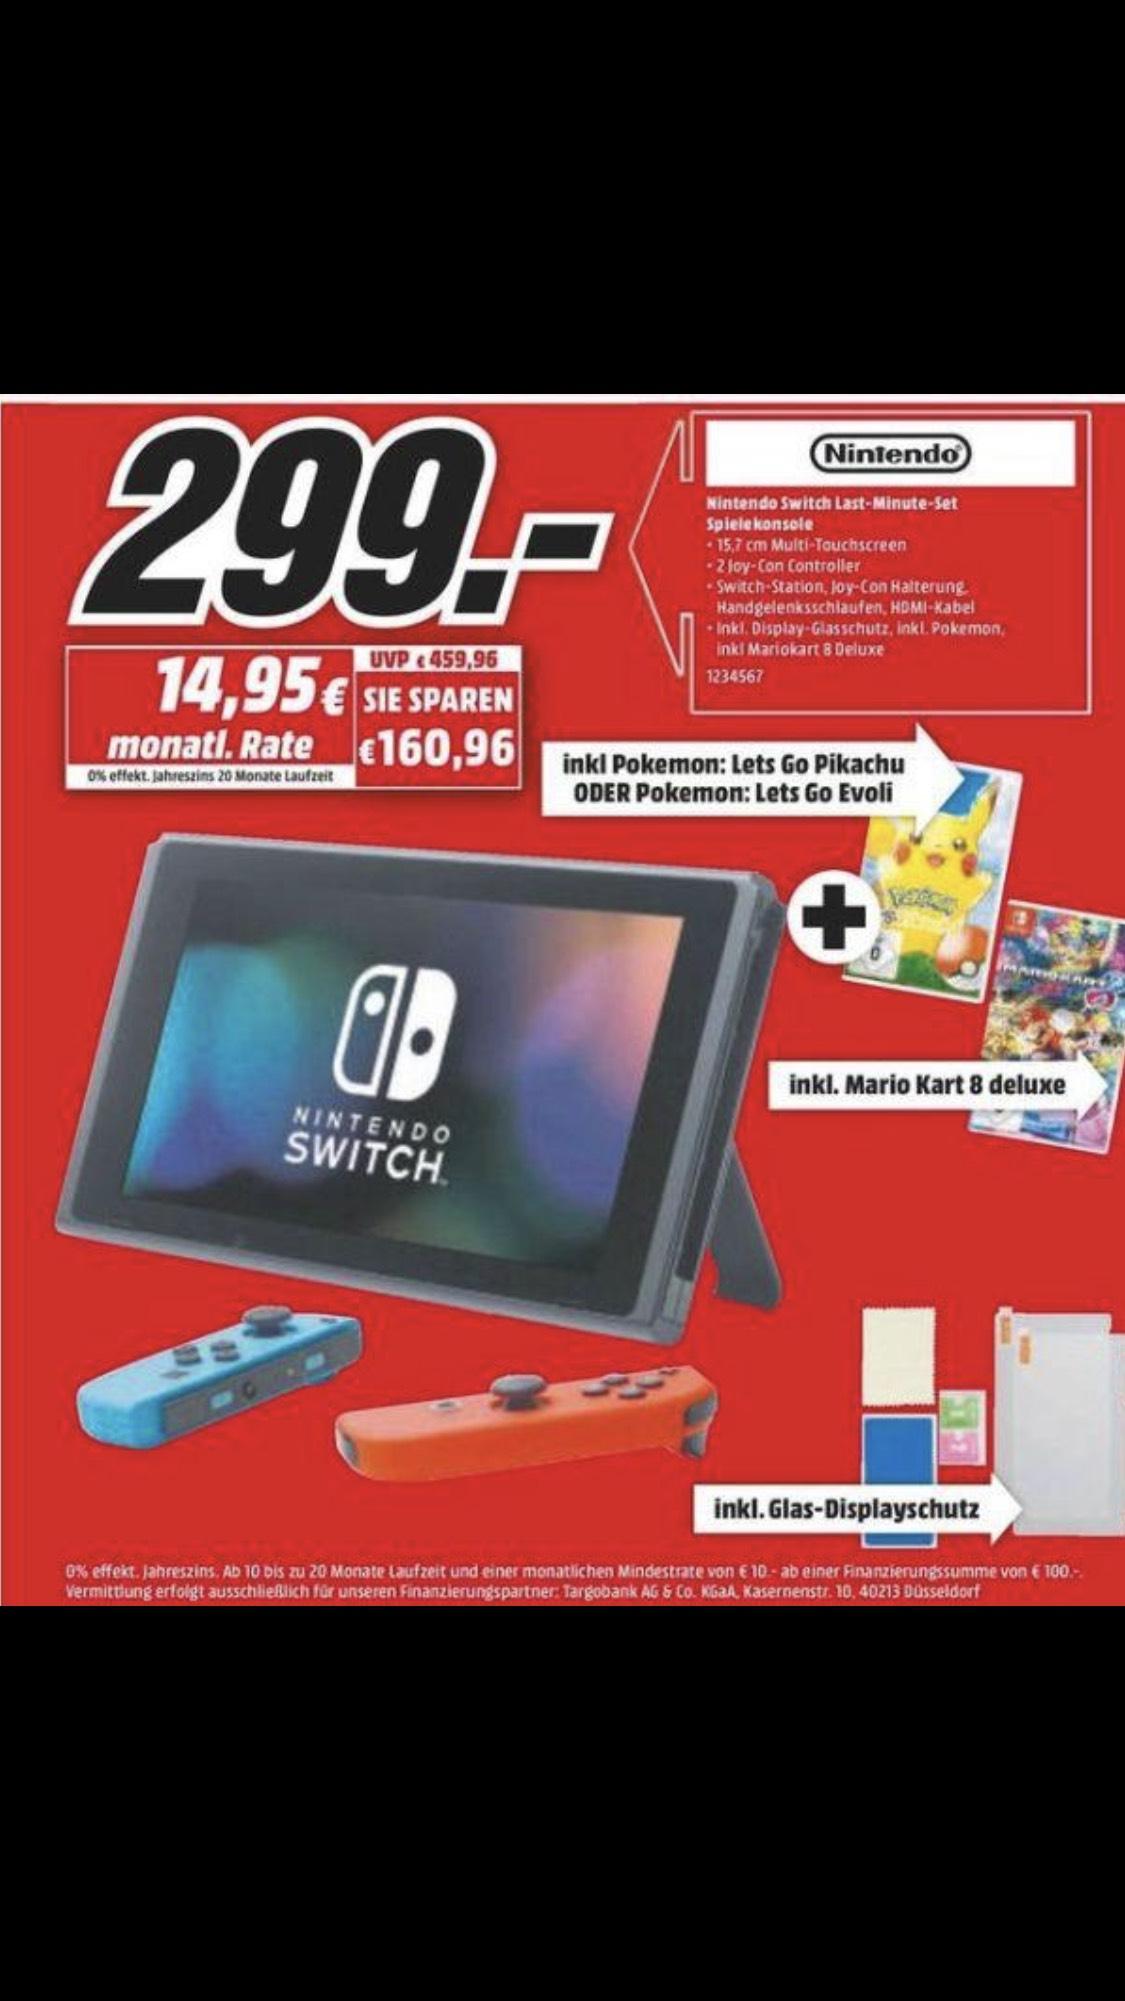 [DE][Mediamarkt Aachen/Herzogenrath] Nintendo Switch + Mario Kart 8 Deluxe + Pokémon Lets go Pickachu of Eevee voor €299,-